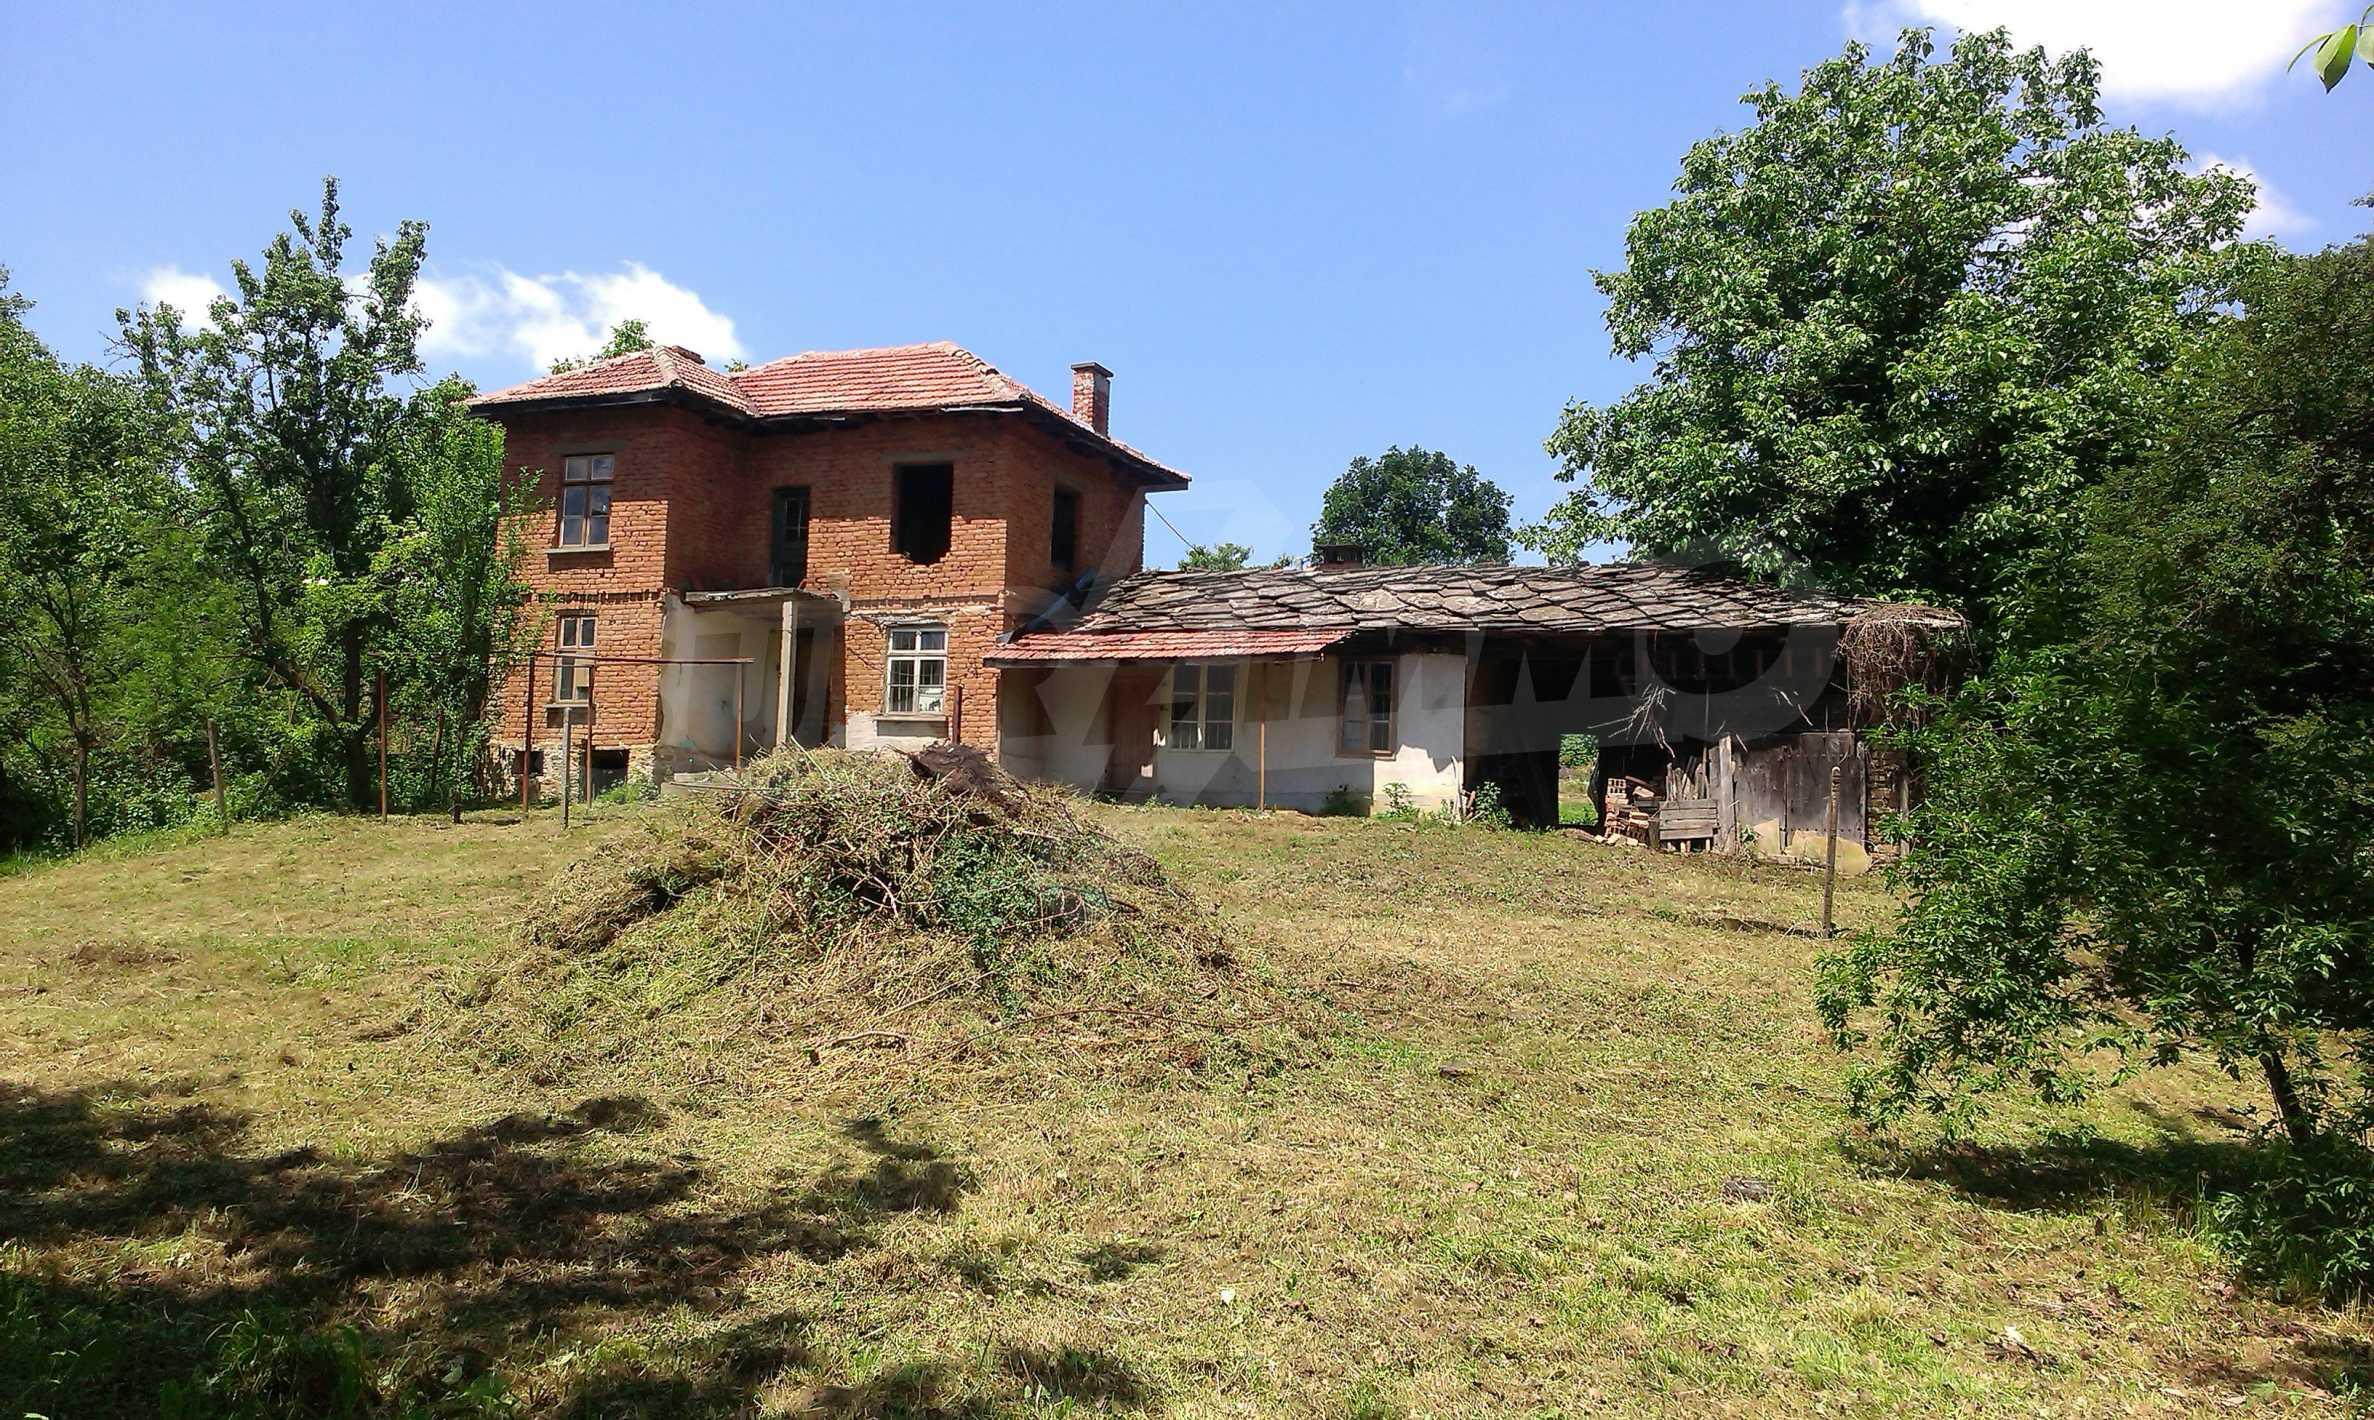 Двуетажна тухлена къща на 40 км от Велико Търново  30